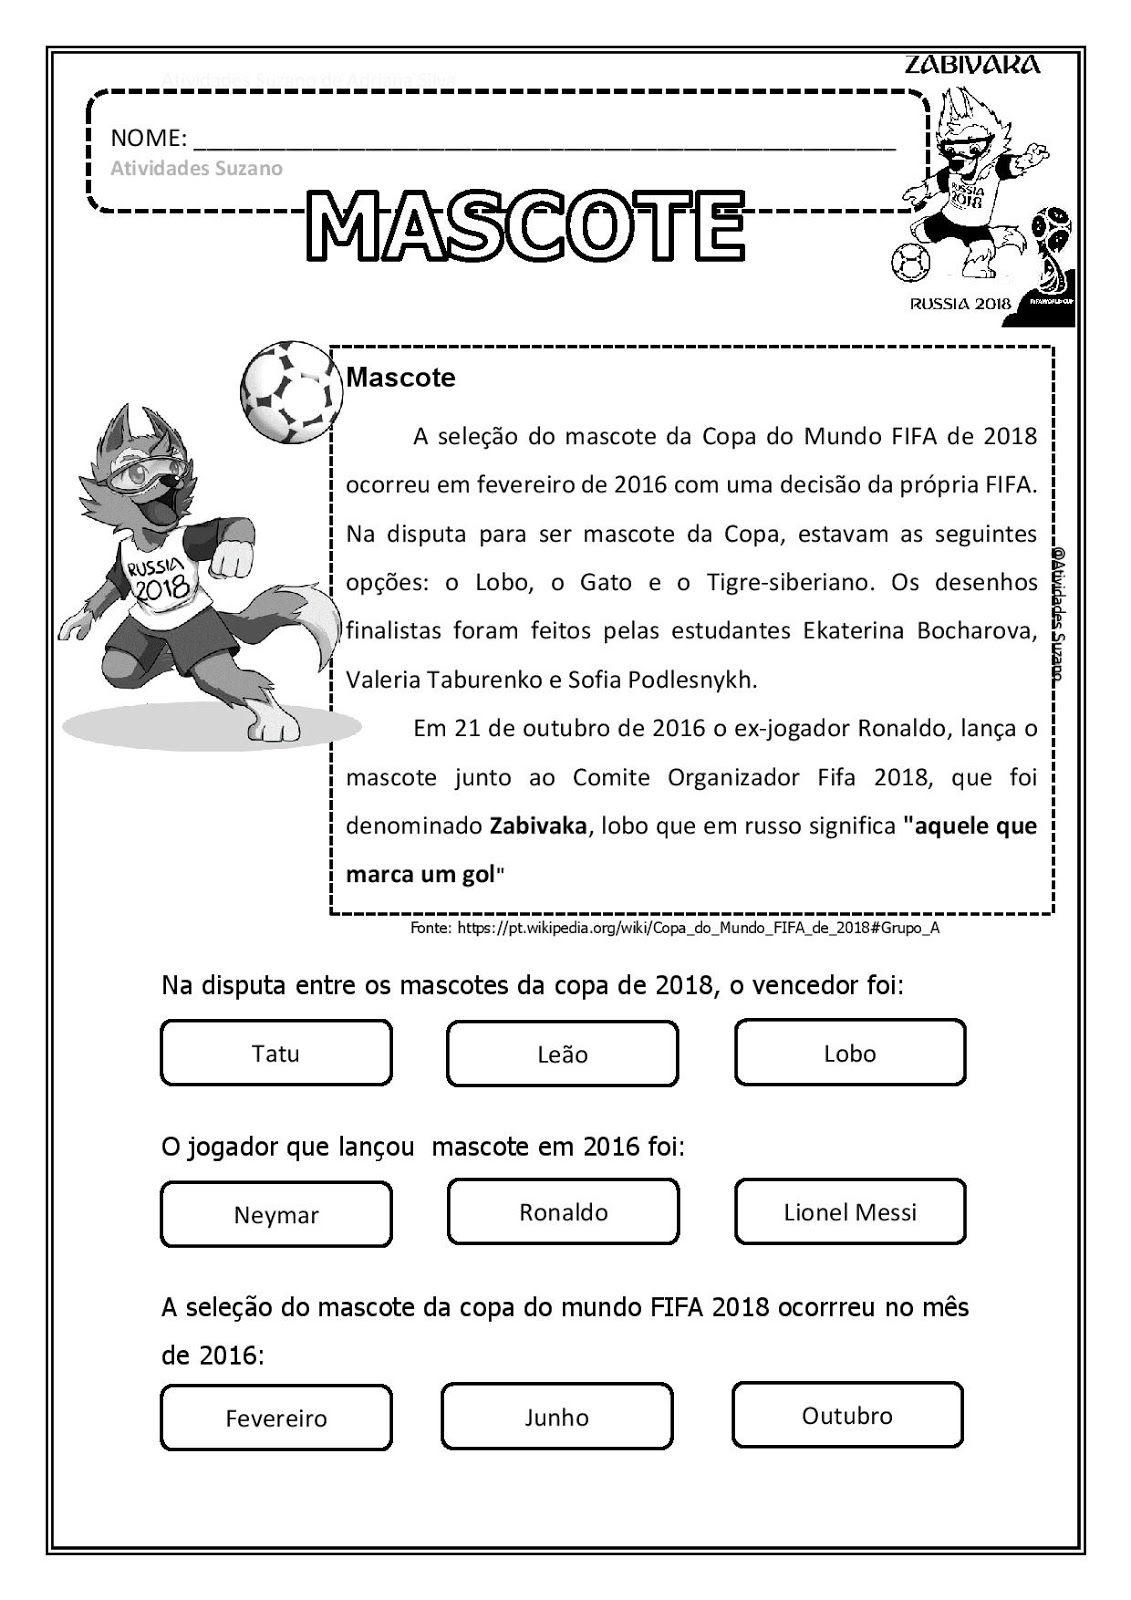 copa 2018 mascote em pdf escola pinterest russia activities